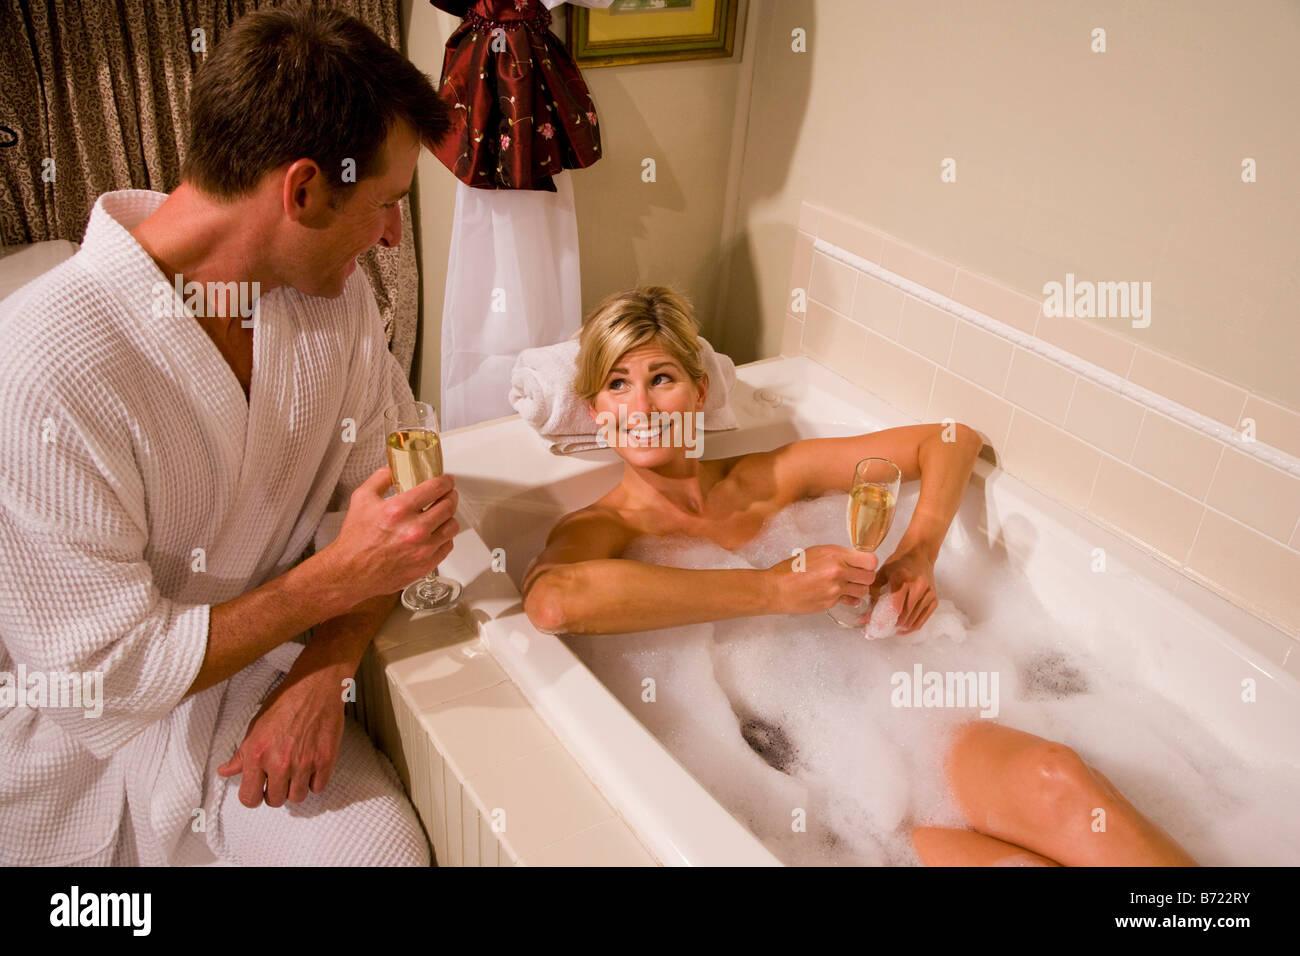 A Man Sitting In A Bath Tub Stock Photos U0026 A Man Sitting In ...